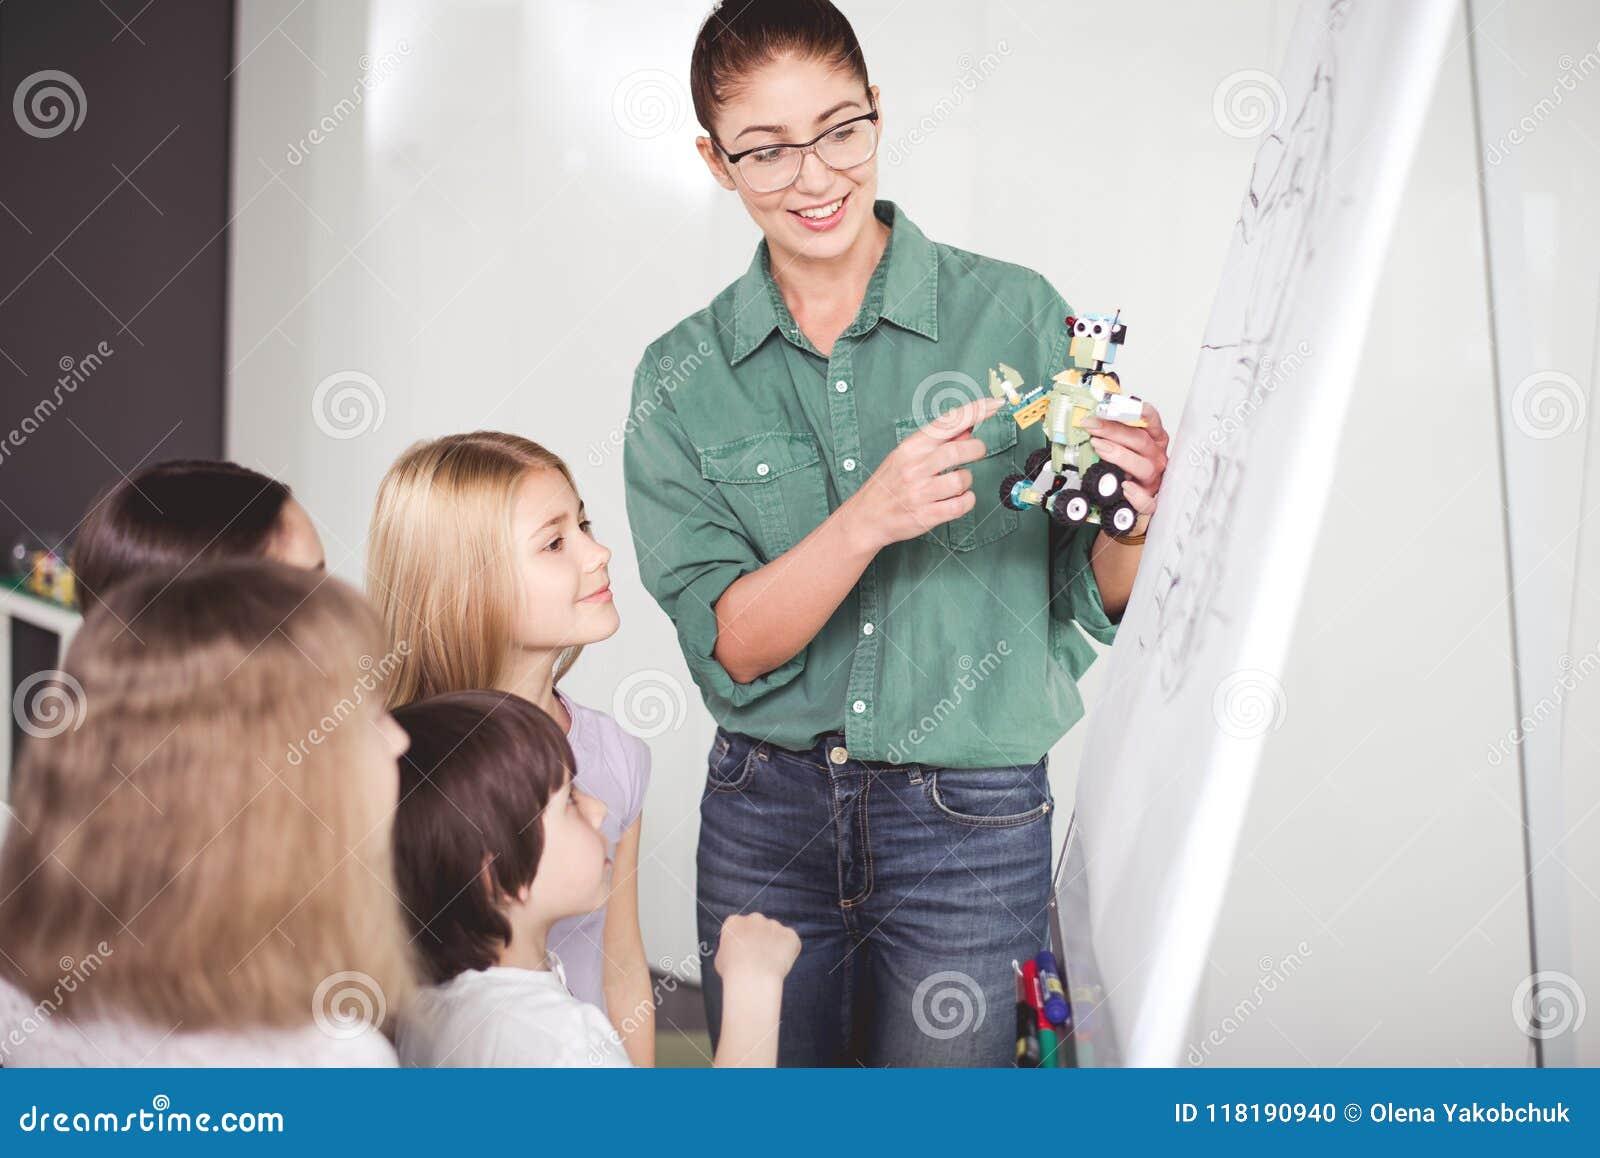 Blije vrouwelijke het leiden studie over technologisch stuk speelgoed